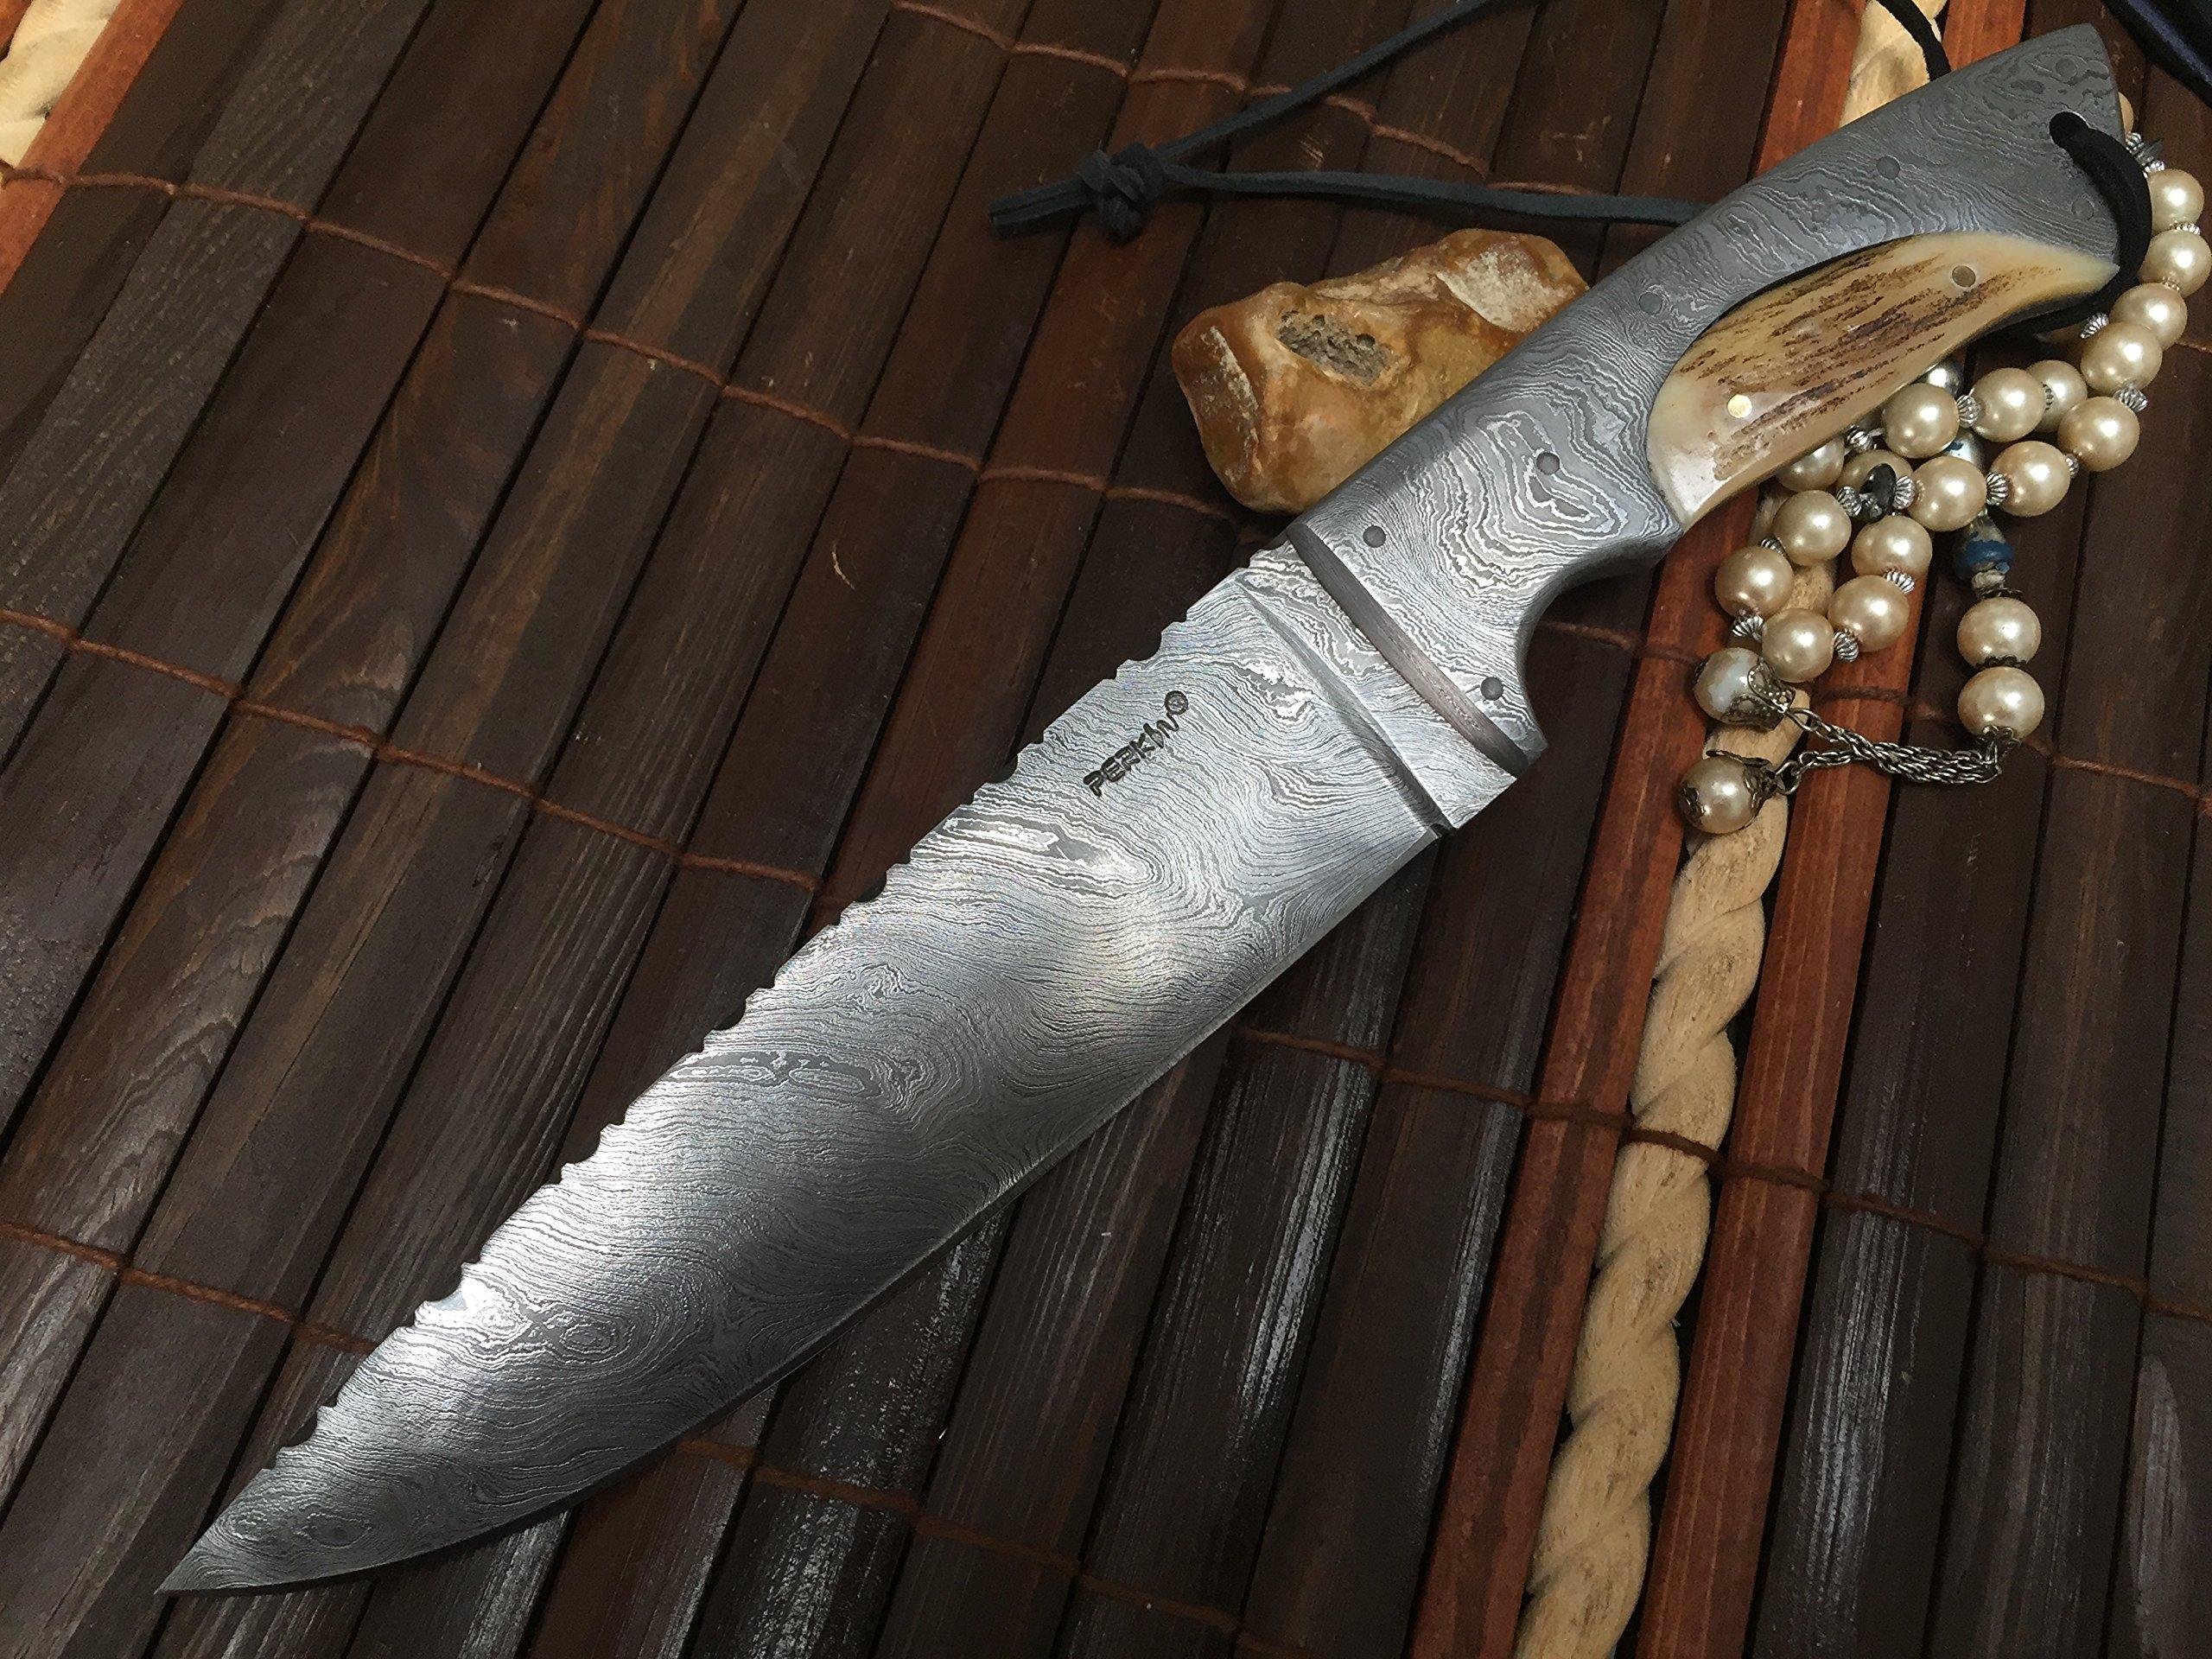 Outstanding Value - Handmade Damascus Hunting Knife - Full Tang - Work of Art